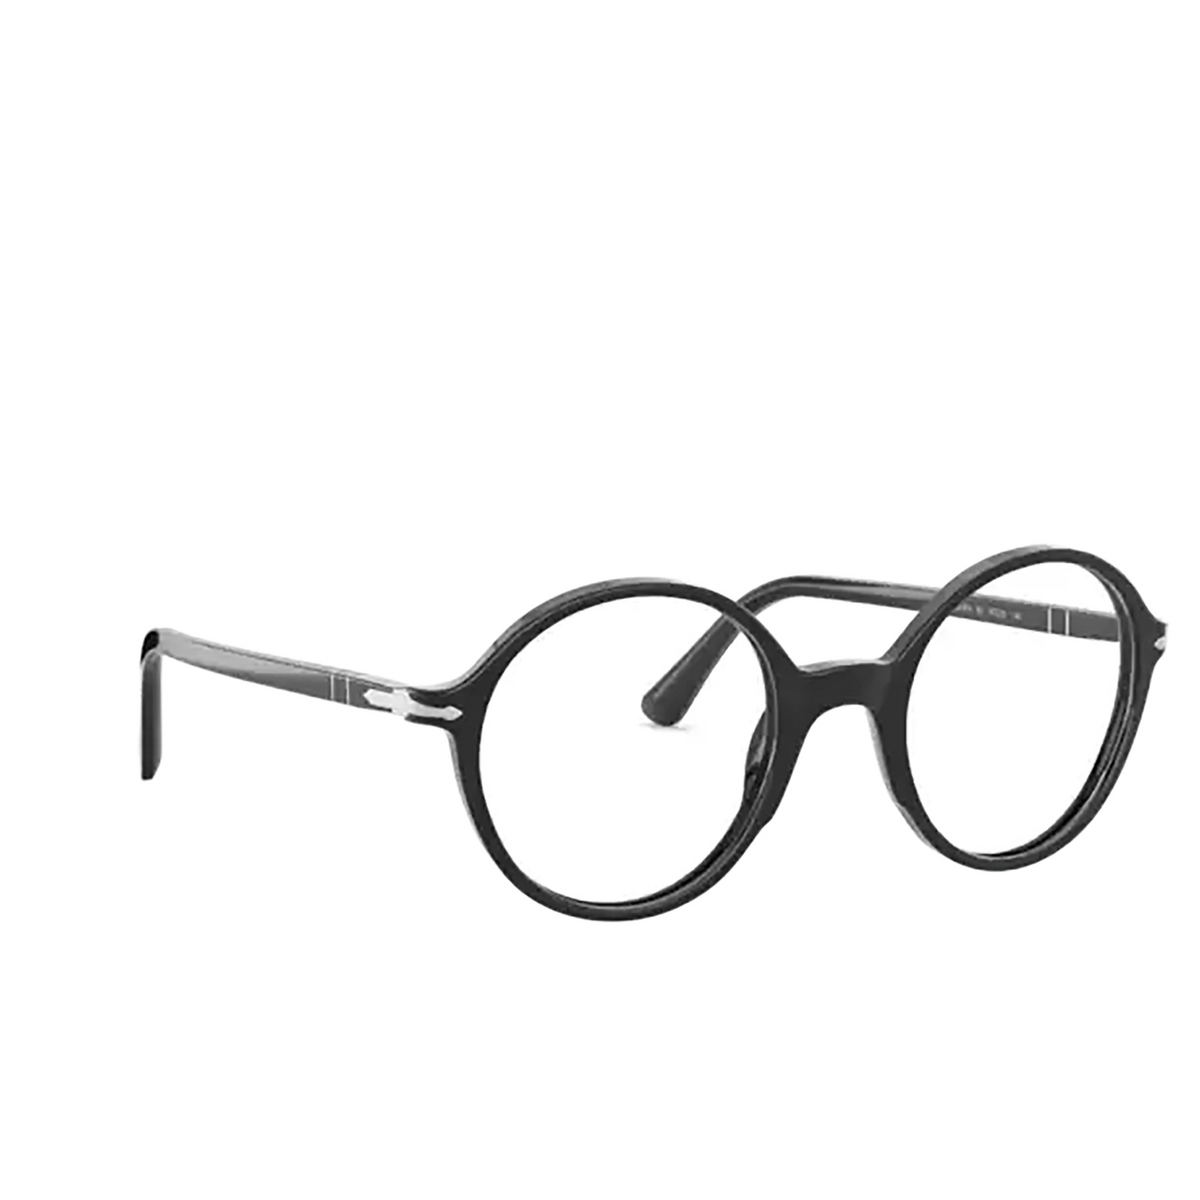 Persol® Round Eyeglasses: PO3249V color Black 95 - three-quarters view.